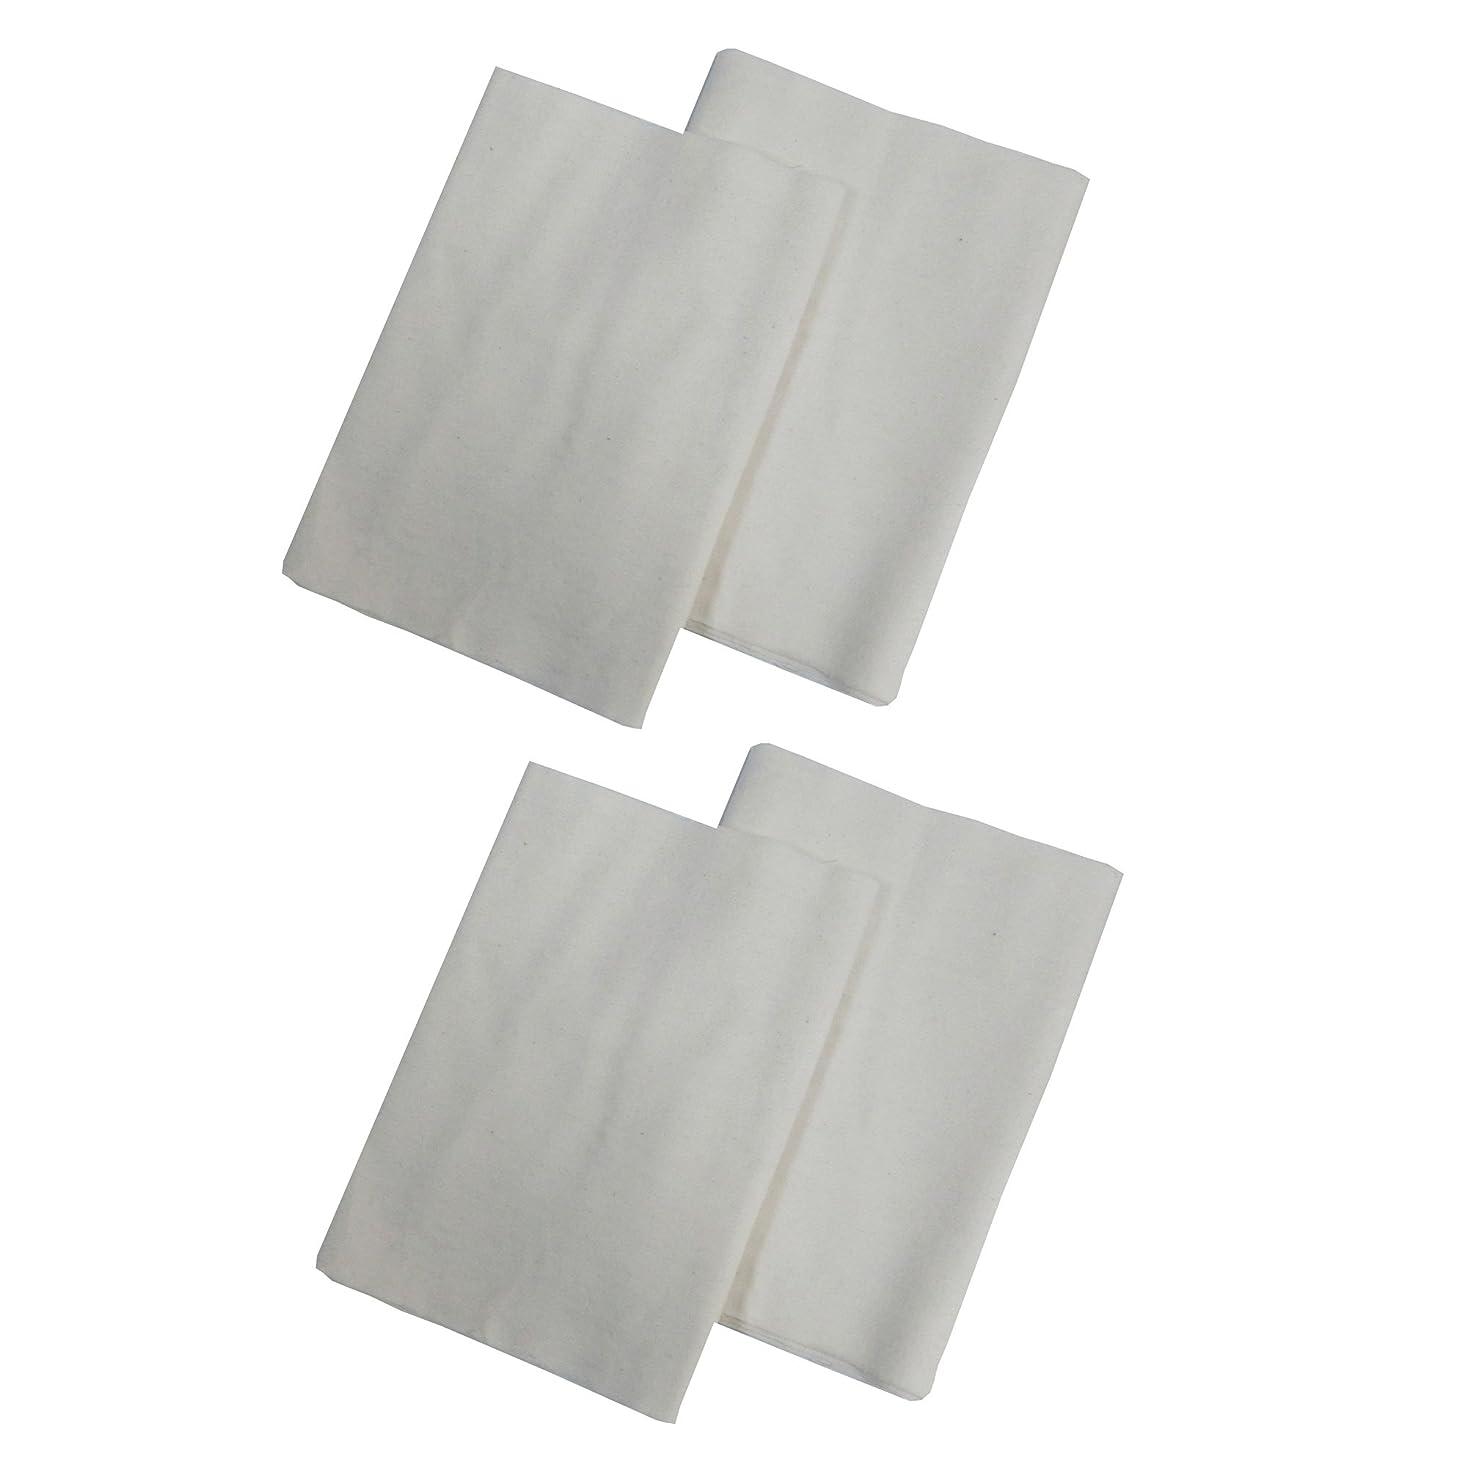 ボイラーマウスピース化石コットンフランネル4枚組(ヒマシ油用) 無添加 無漂白 平織 両面起毛フランネル生成